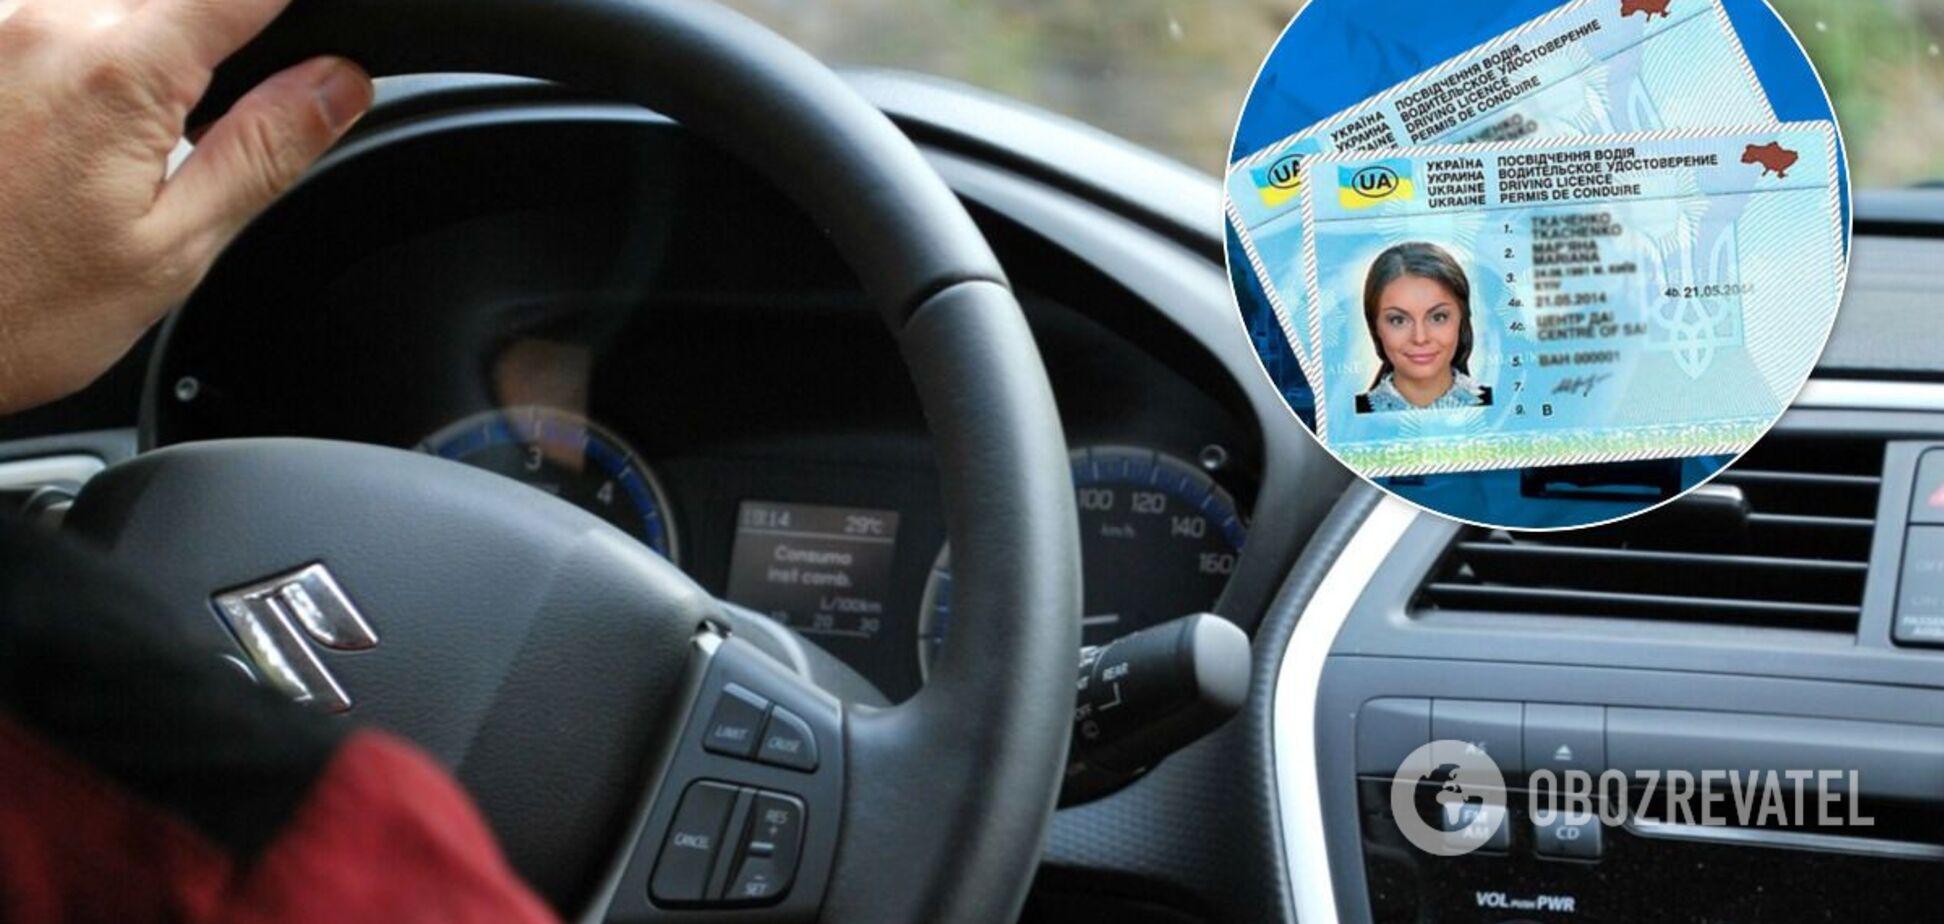 В Украине введут новые автомобильные права и техпаспорт: что изменится